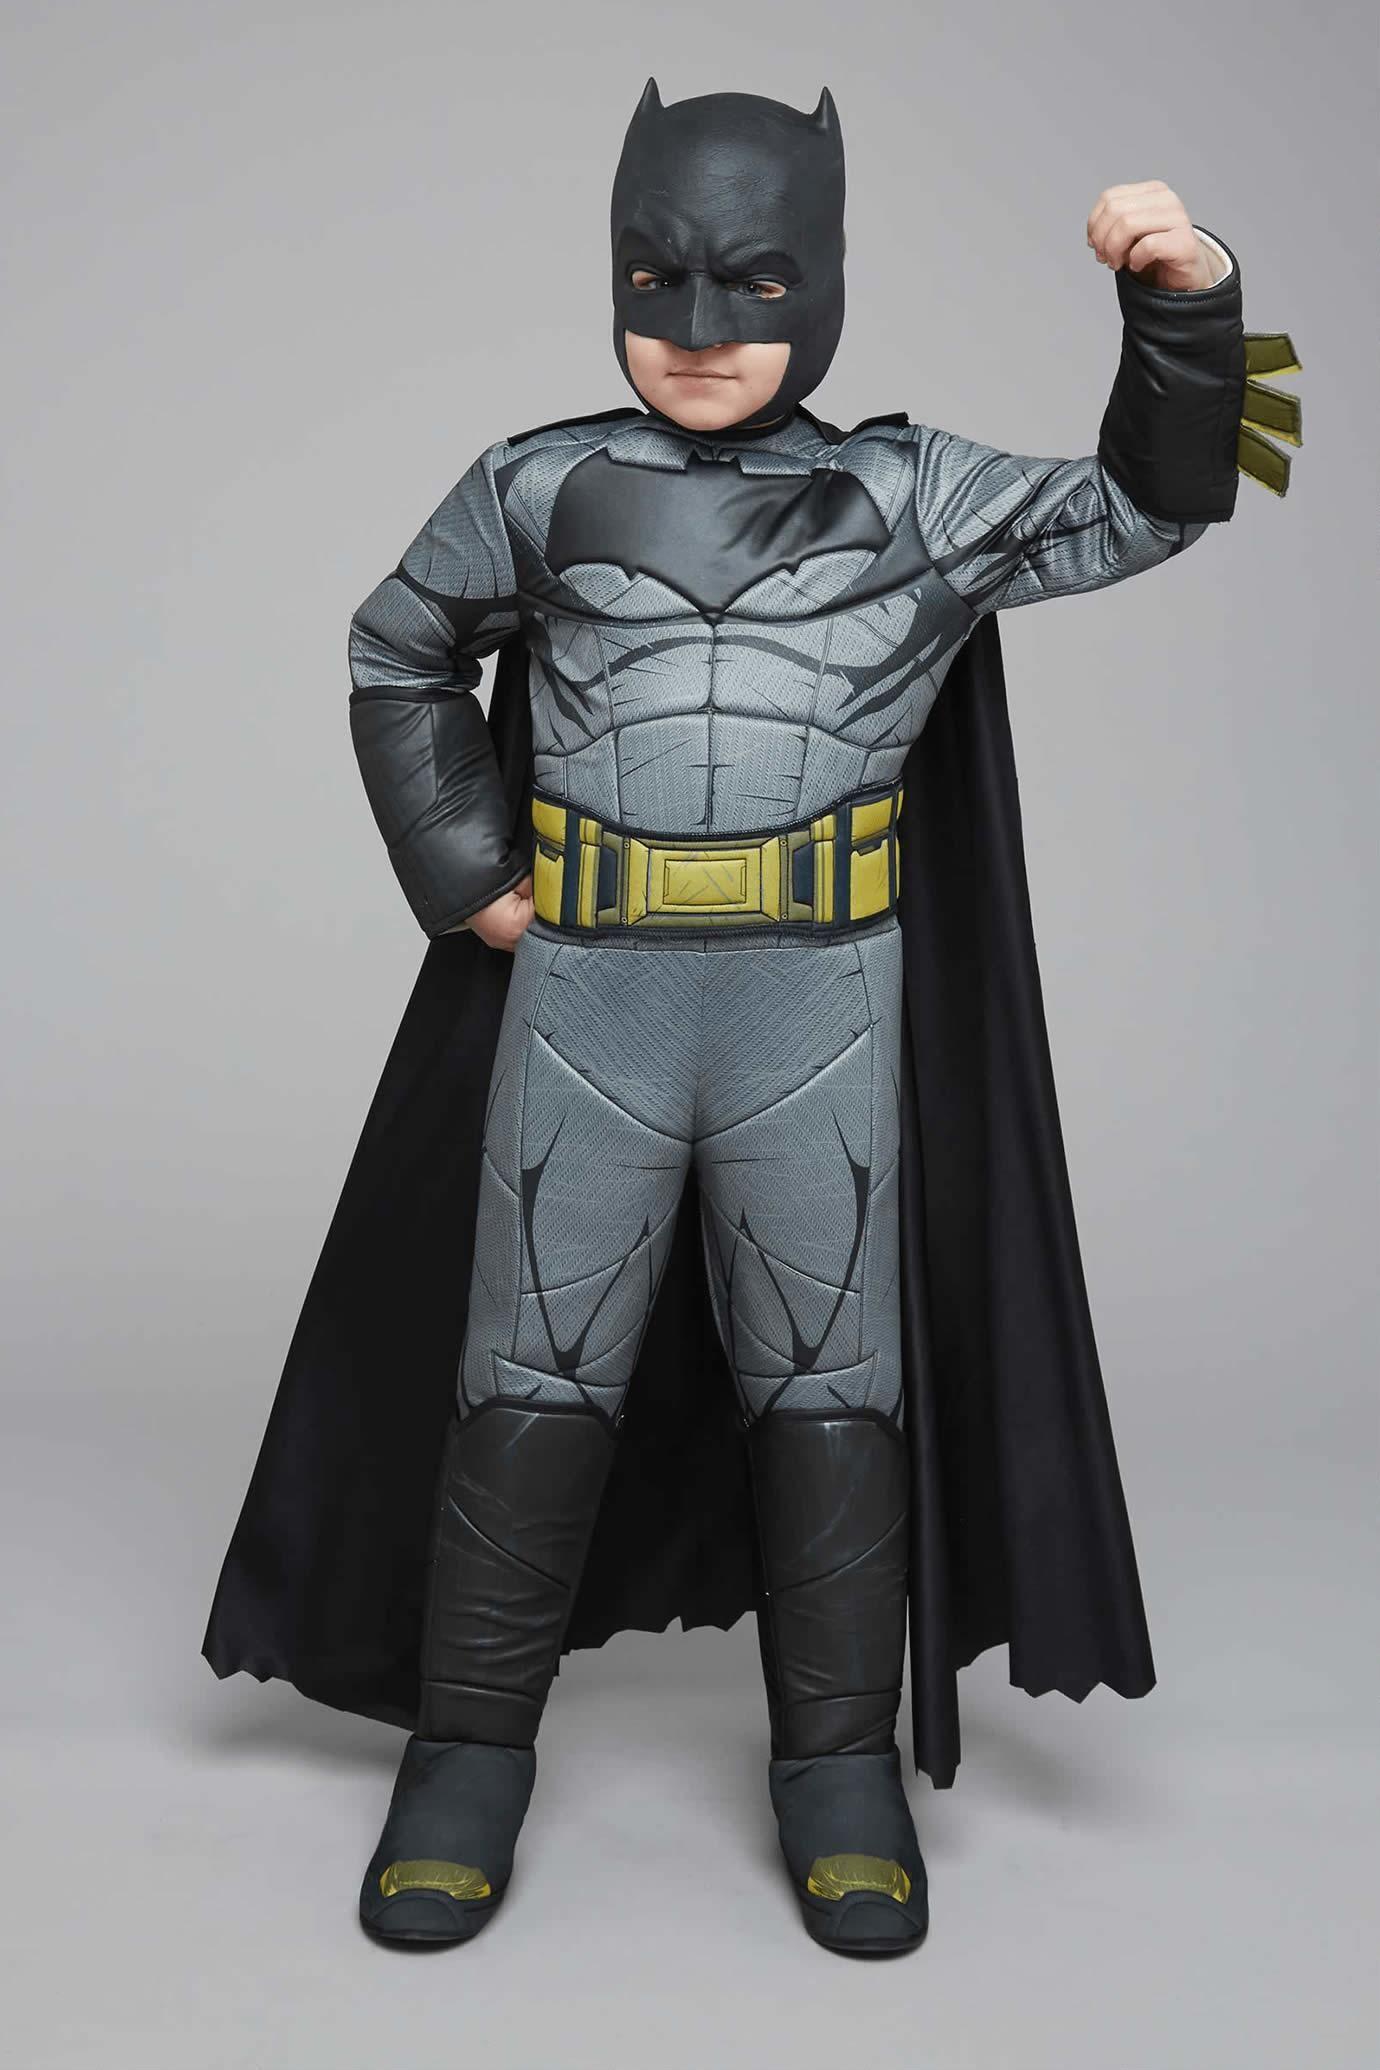 Ultimate Batman Costume For Kids - Dawn of Justice & Ultimate Batman Costume For Kids - Dawn of Justice | Batman costumes ...